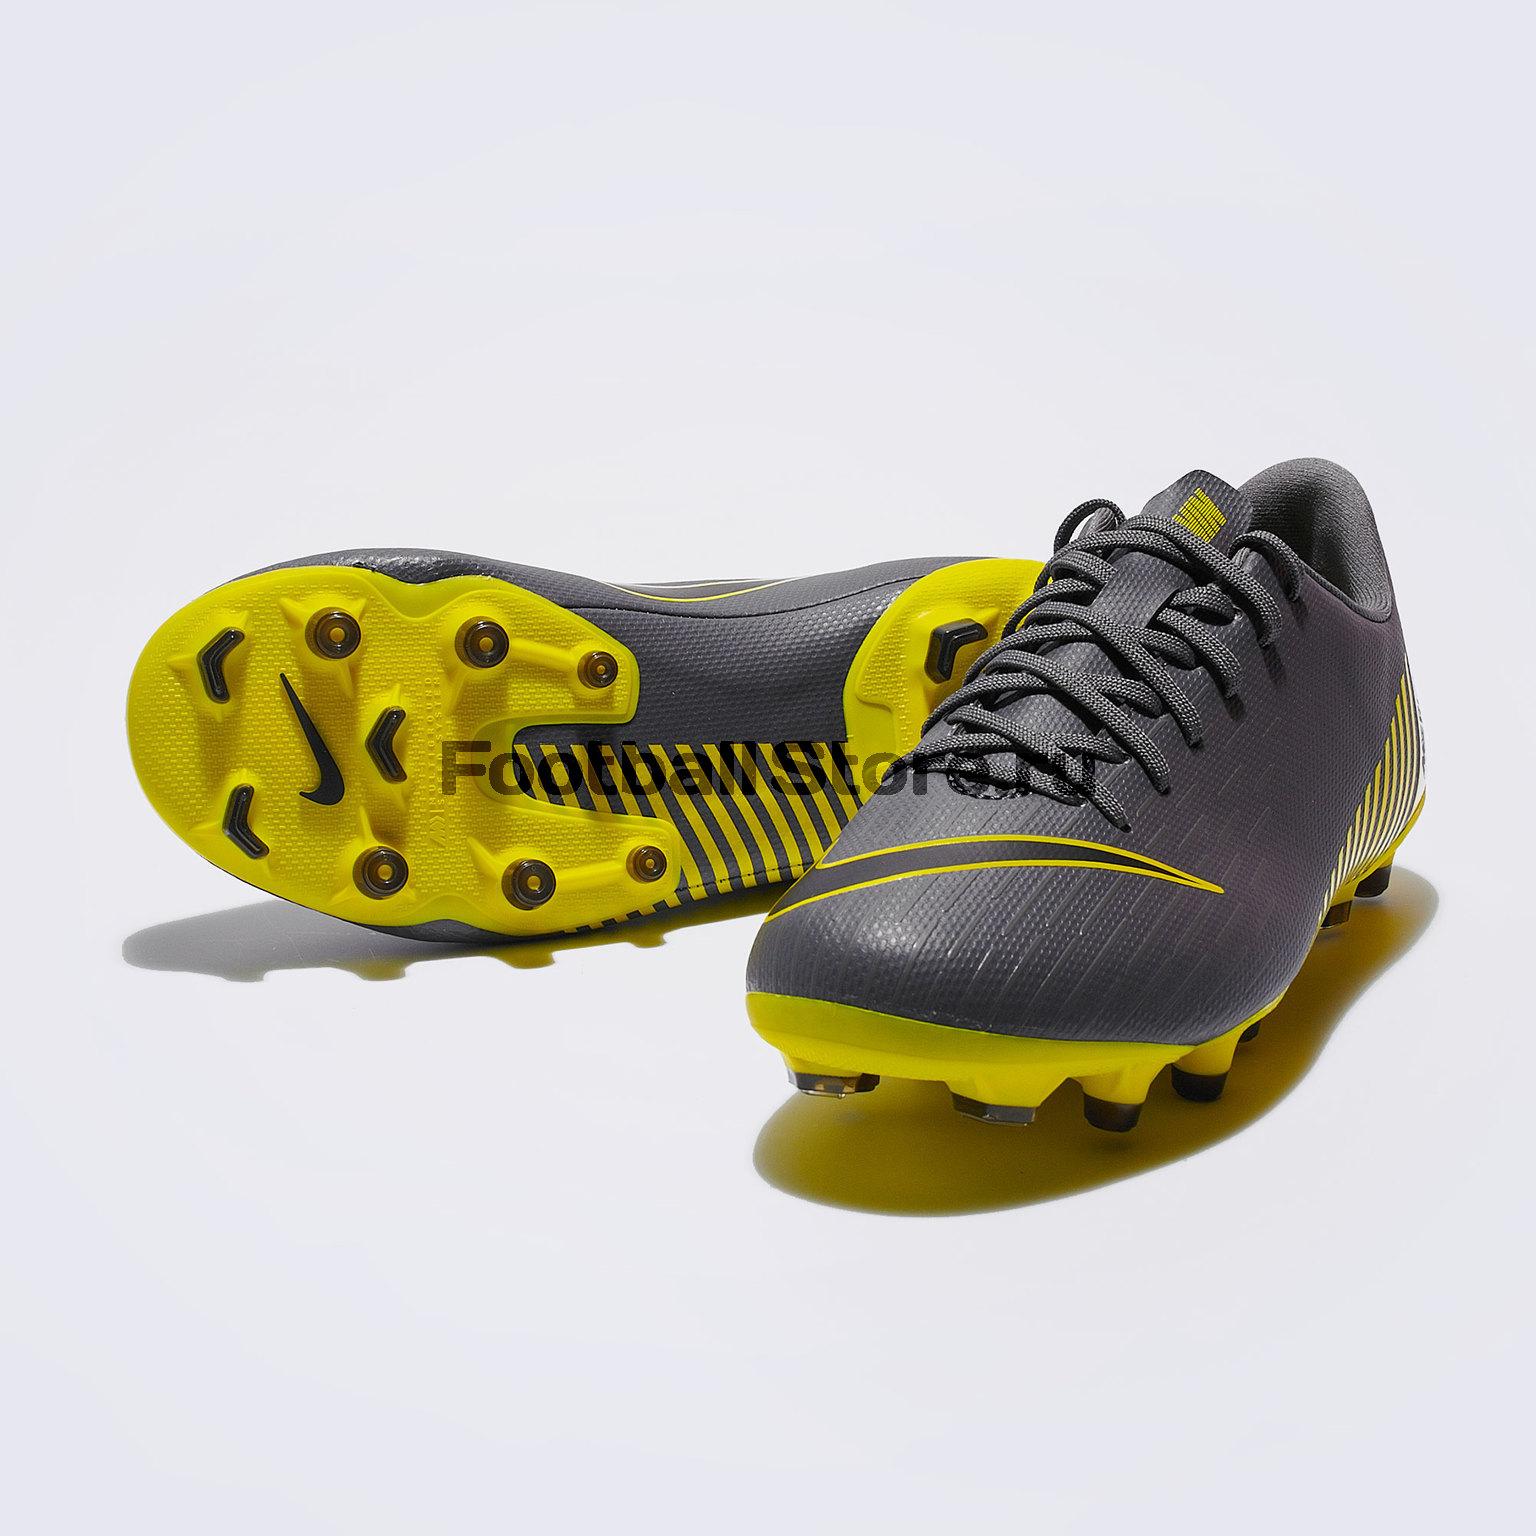 Бутсы детские Nike Vapor 12 Academy GS FG/MG AH7347-070 бутсы детские nike vapor 12 academy gs fg mg ah7347 060